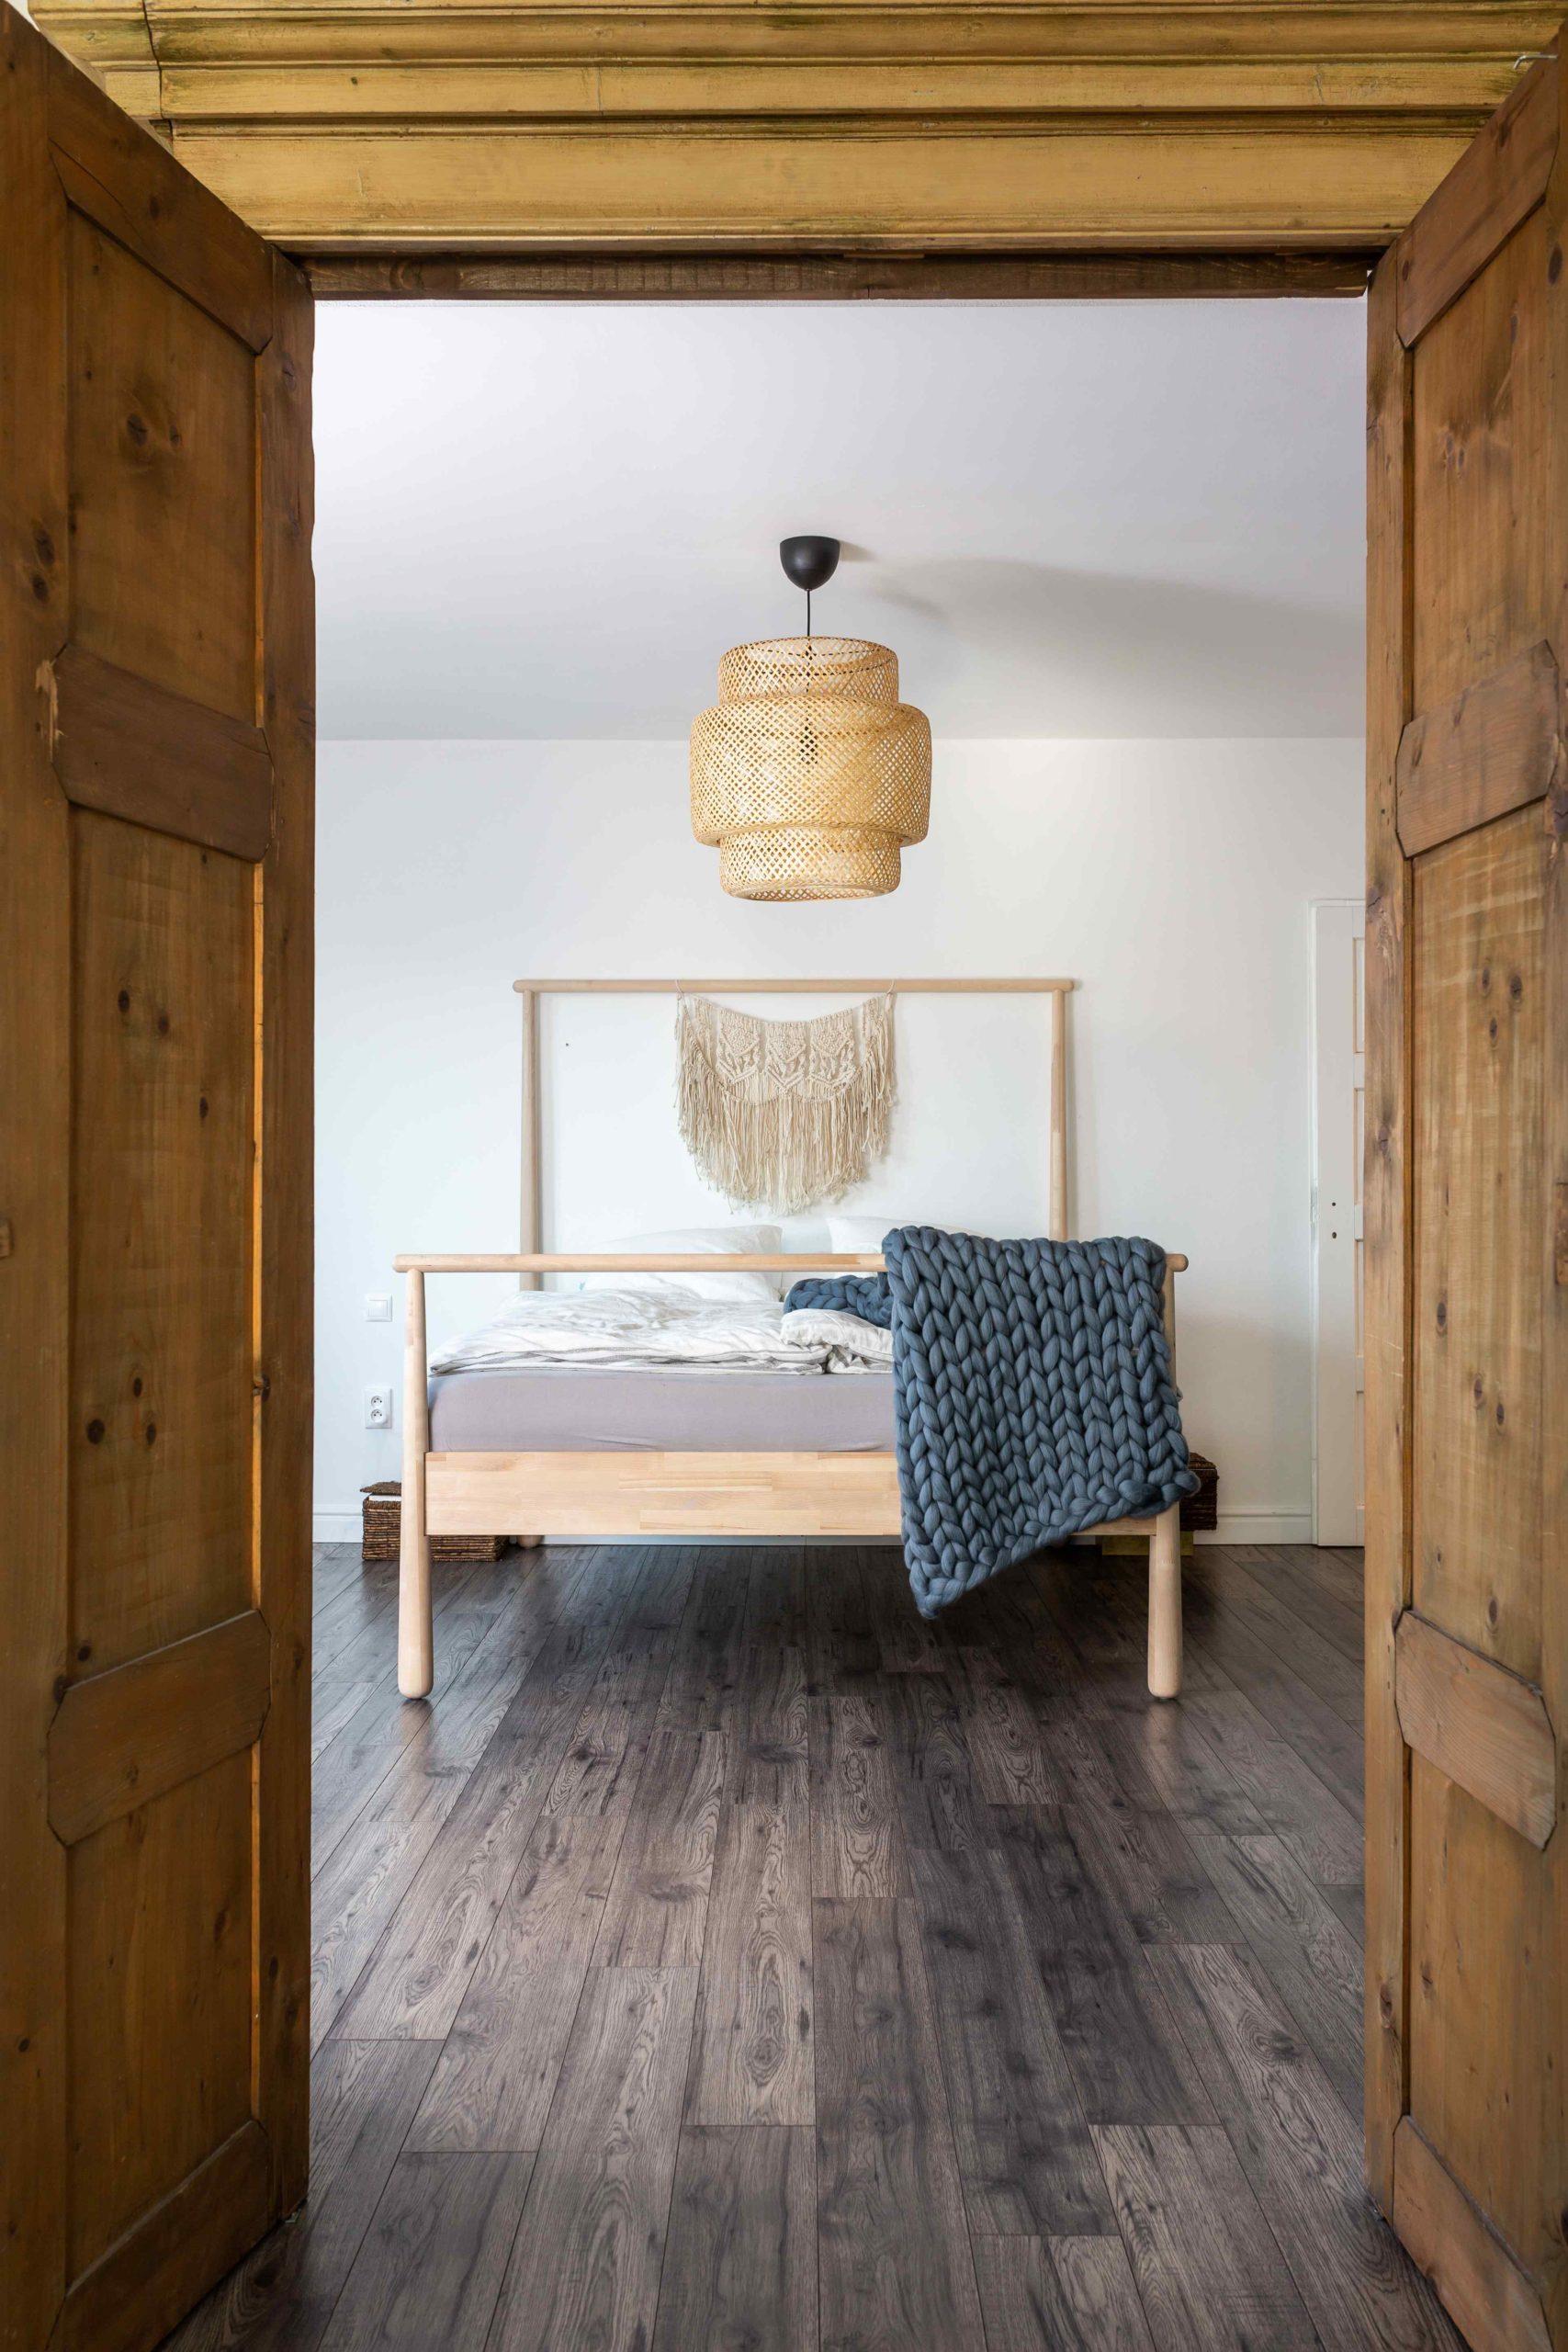 Dveře ze starého nábytku a pohled do ložnice